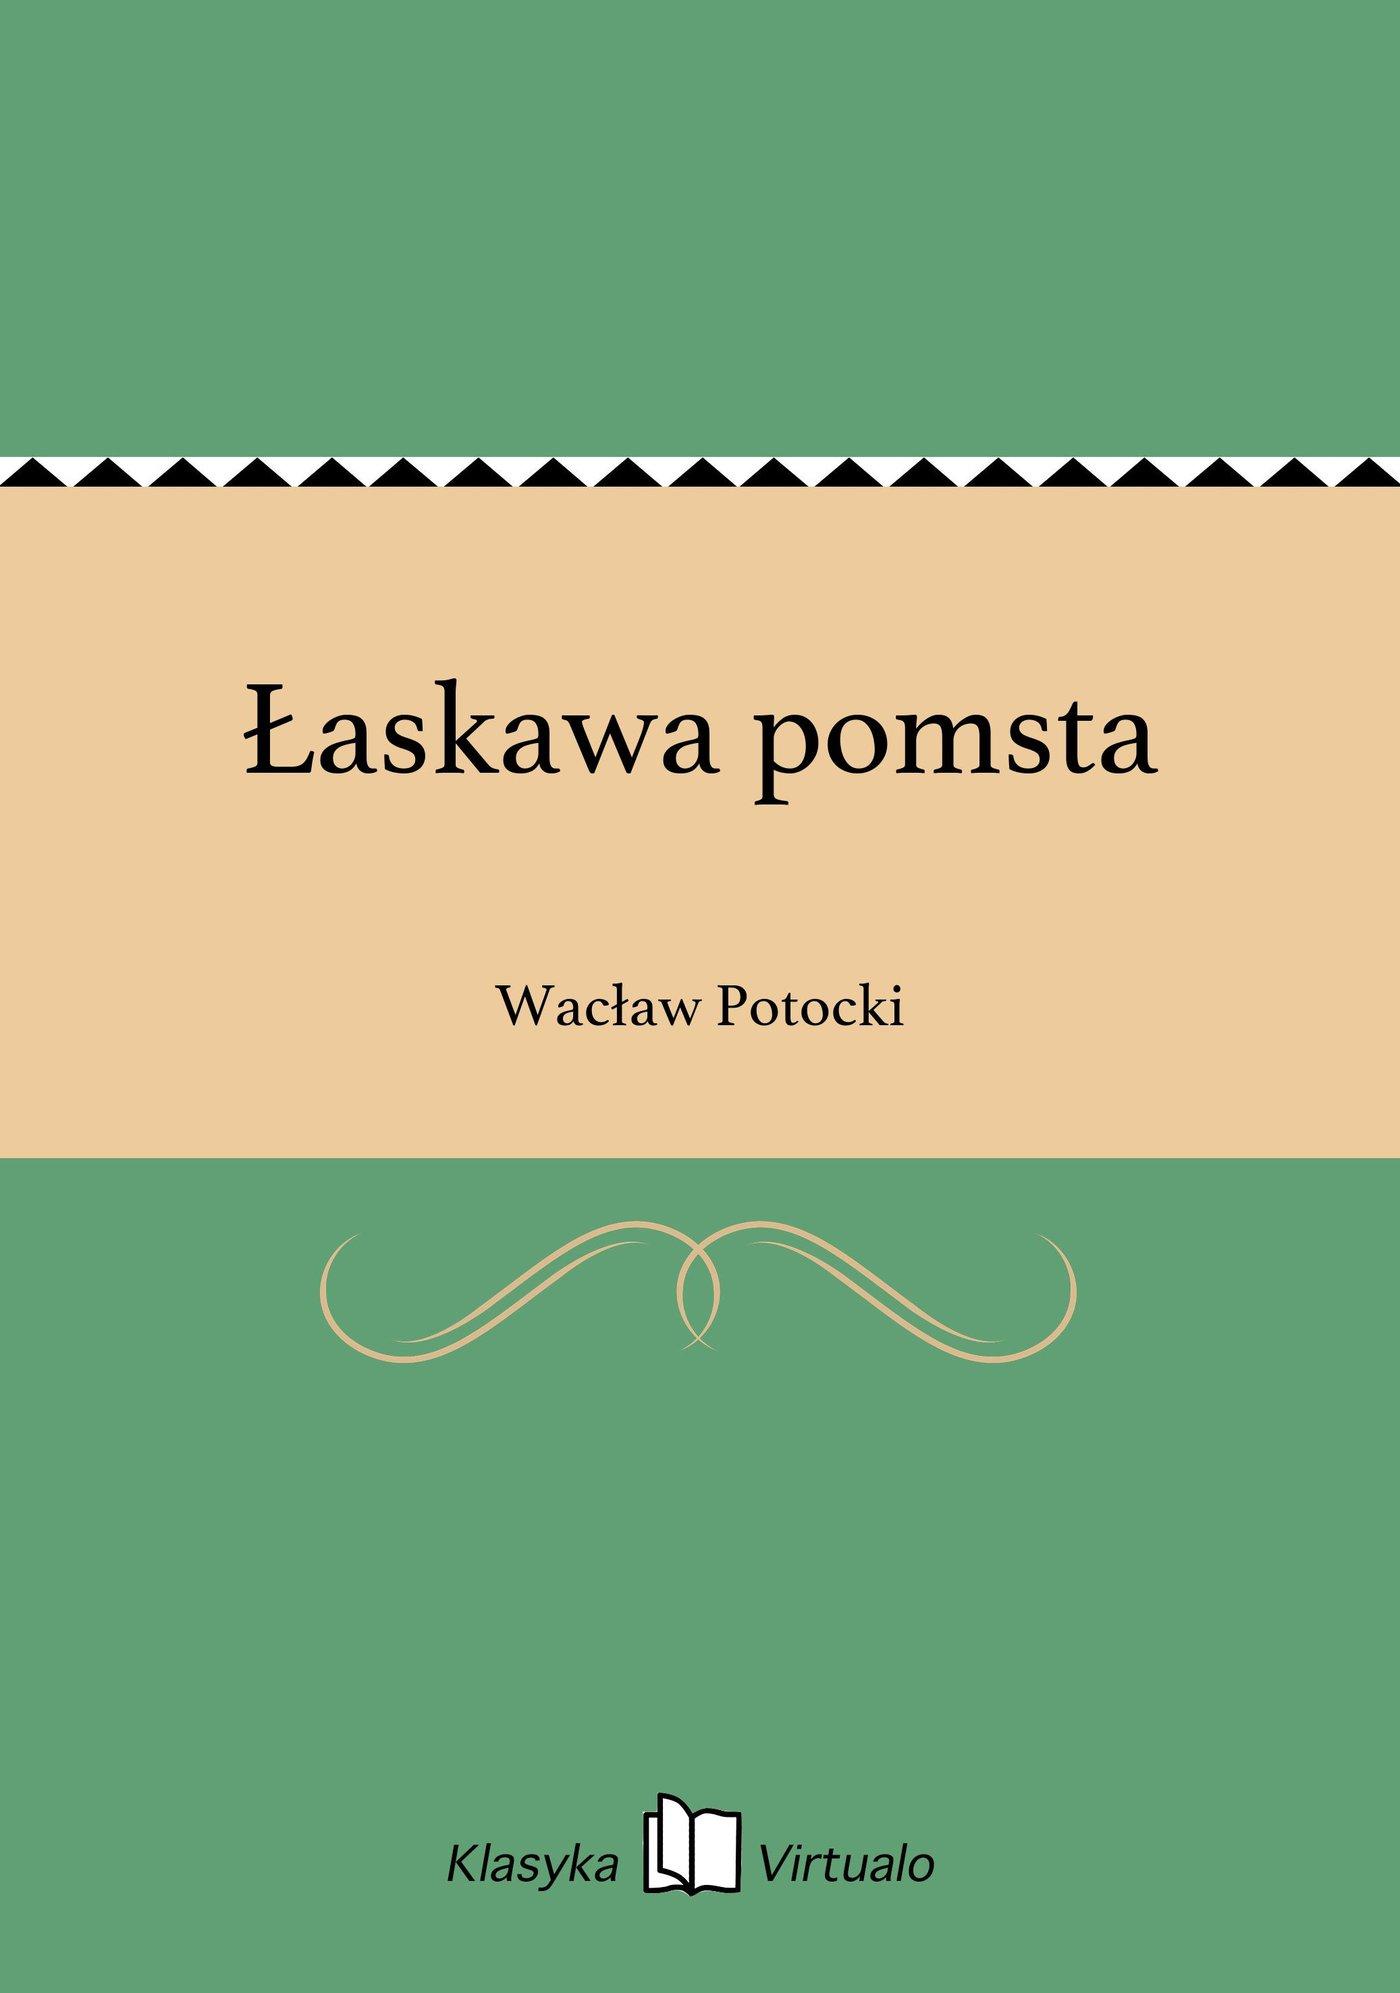 Łaskawa pomsta - Ebook (Książka EPUB) do pobrania w formacie EPUB